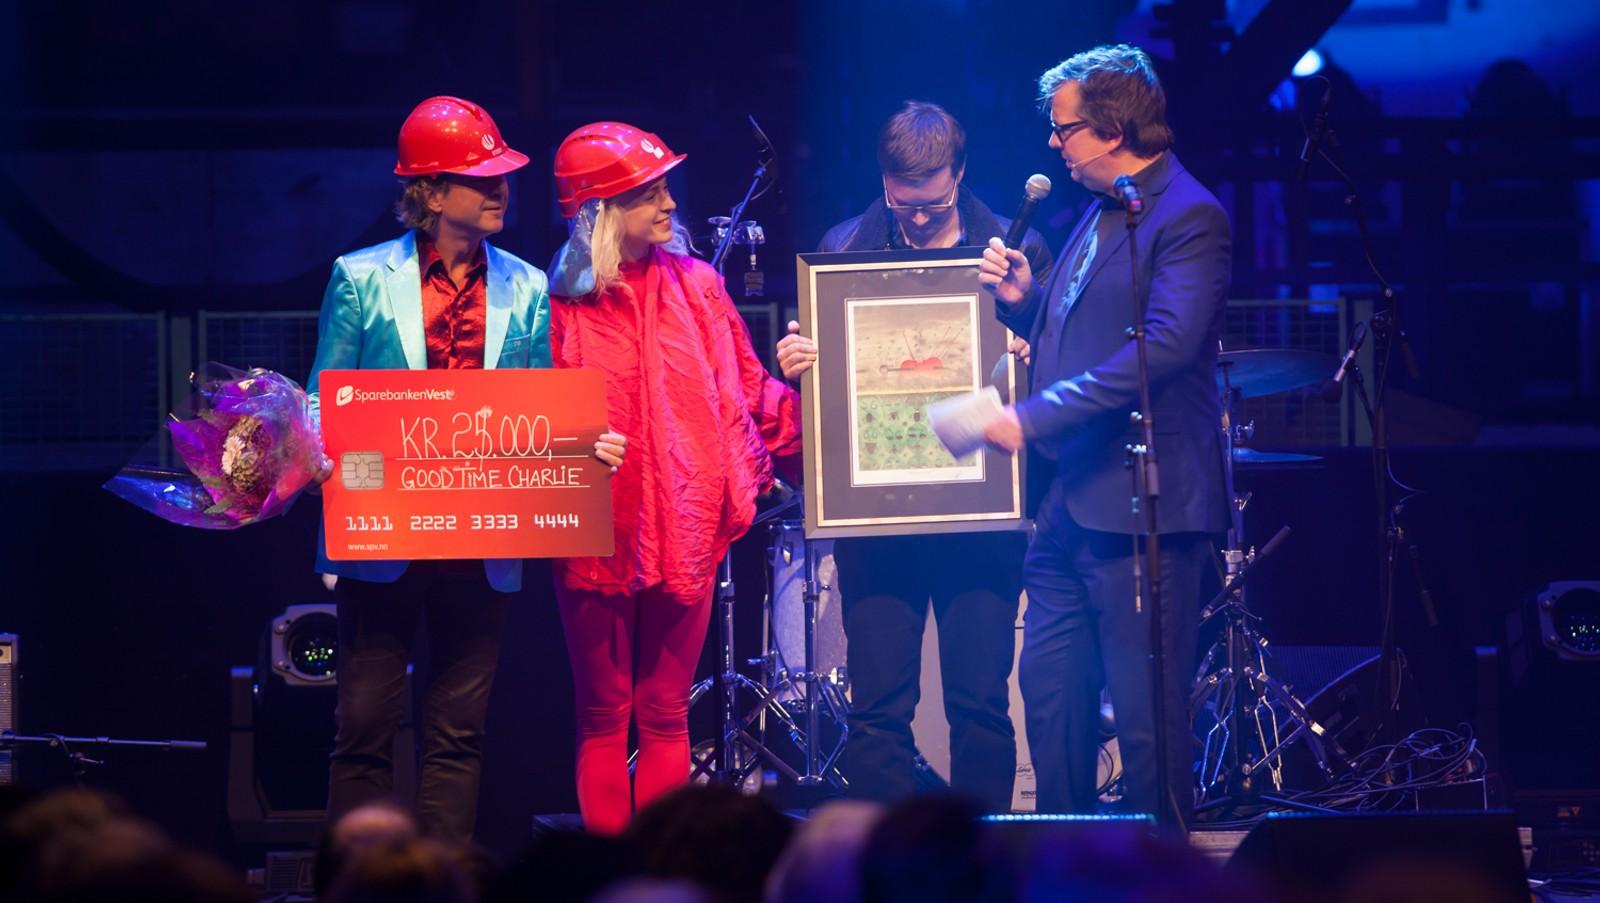 LUTTPRISEN: Thea Hjelmeland, som vann Luttprisen i fjor, fekk æra av å dele ut årets pris, som gjekk til far hennar, Arle Hjelmeland og Good Time Charlie